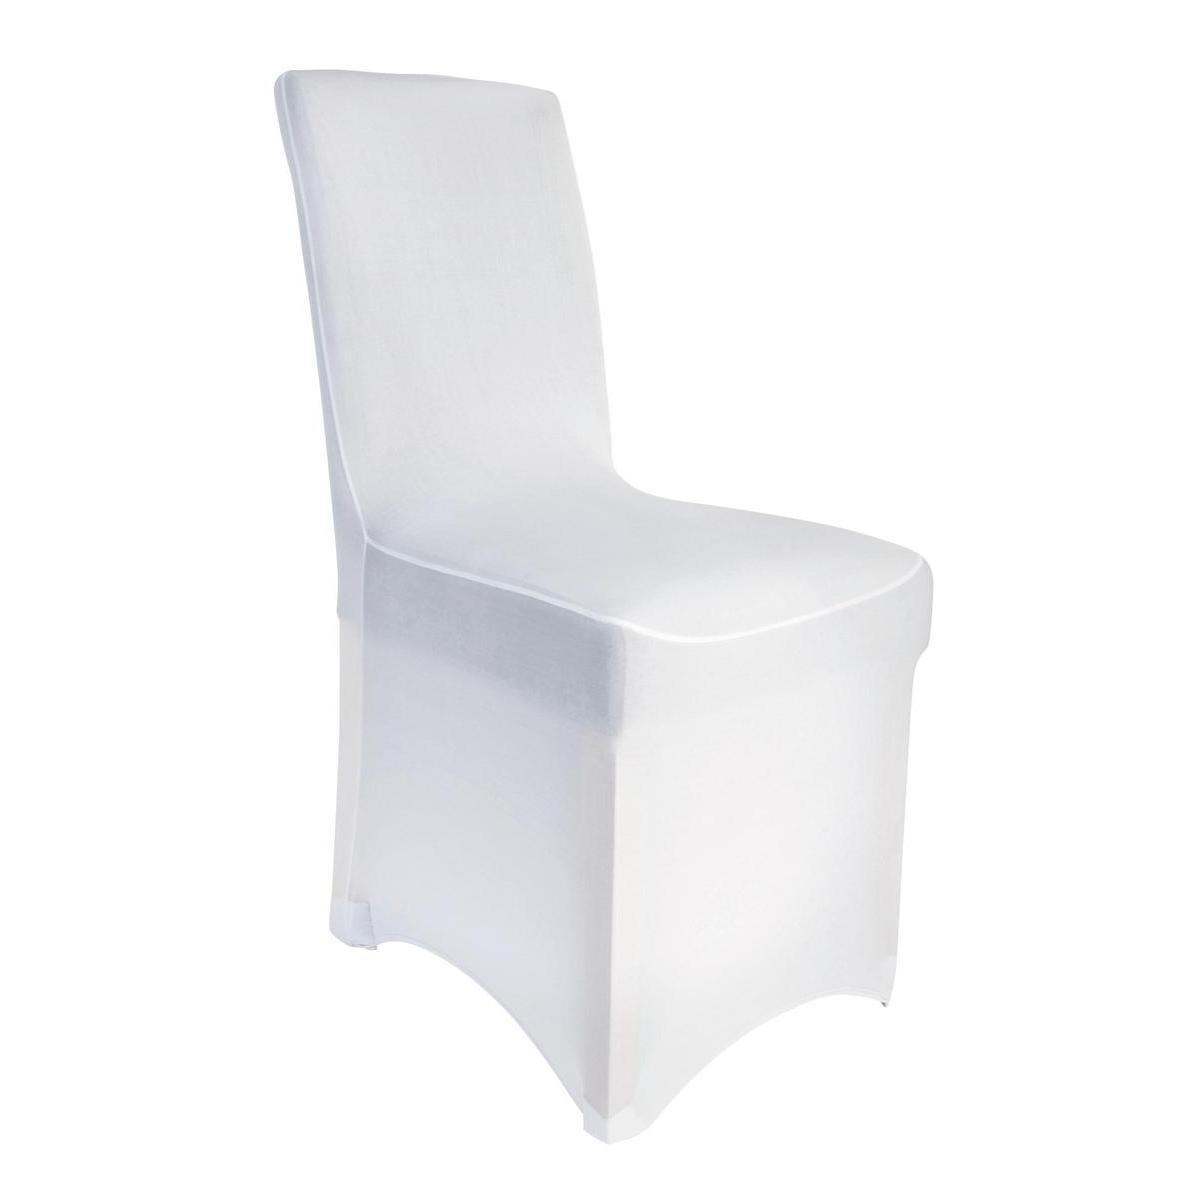 housse de chaise extensible blanc